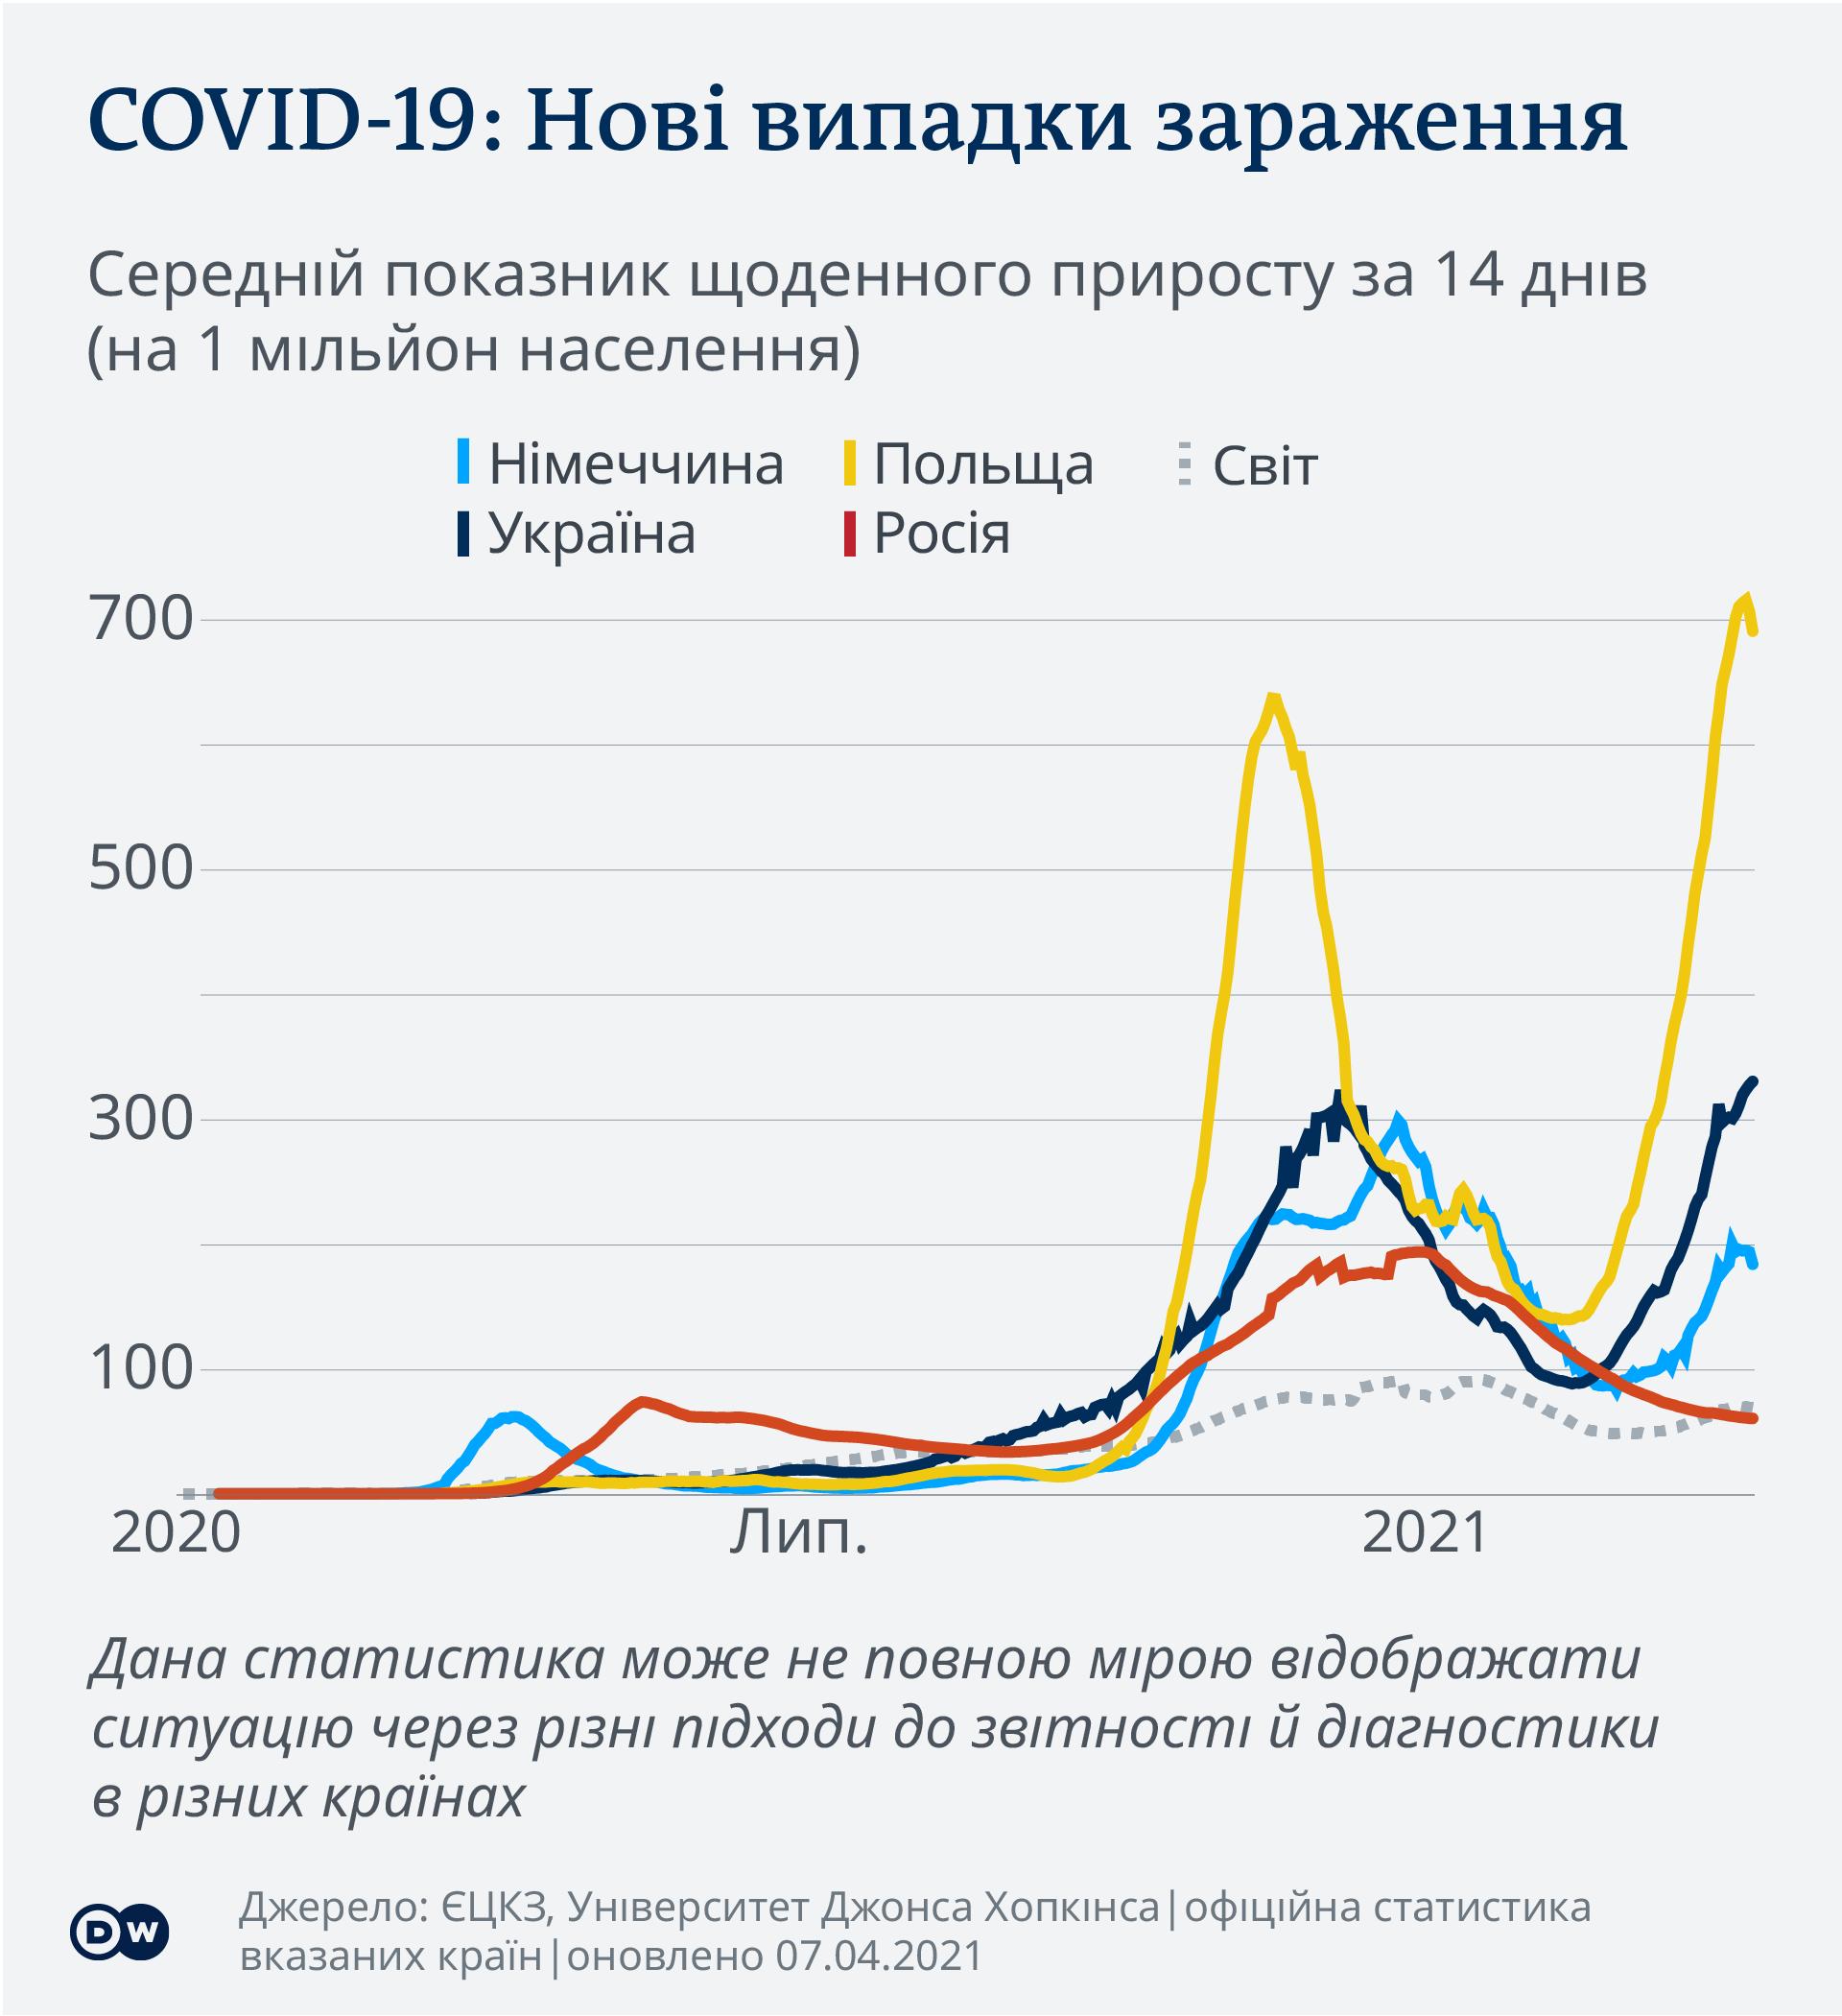 Нові випадки зараження коронавірусом в Україні, Німеччині, Польщі, Росії та світі (інфографіка)